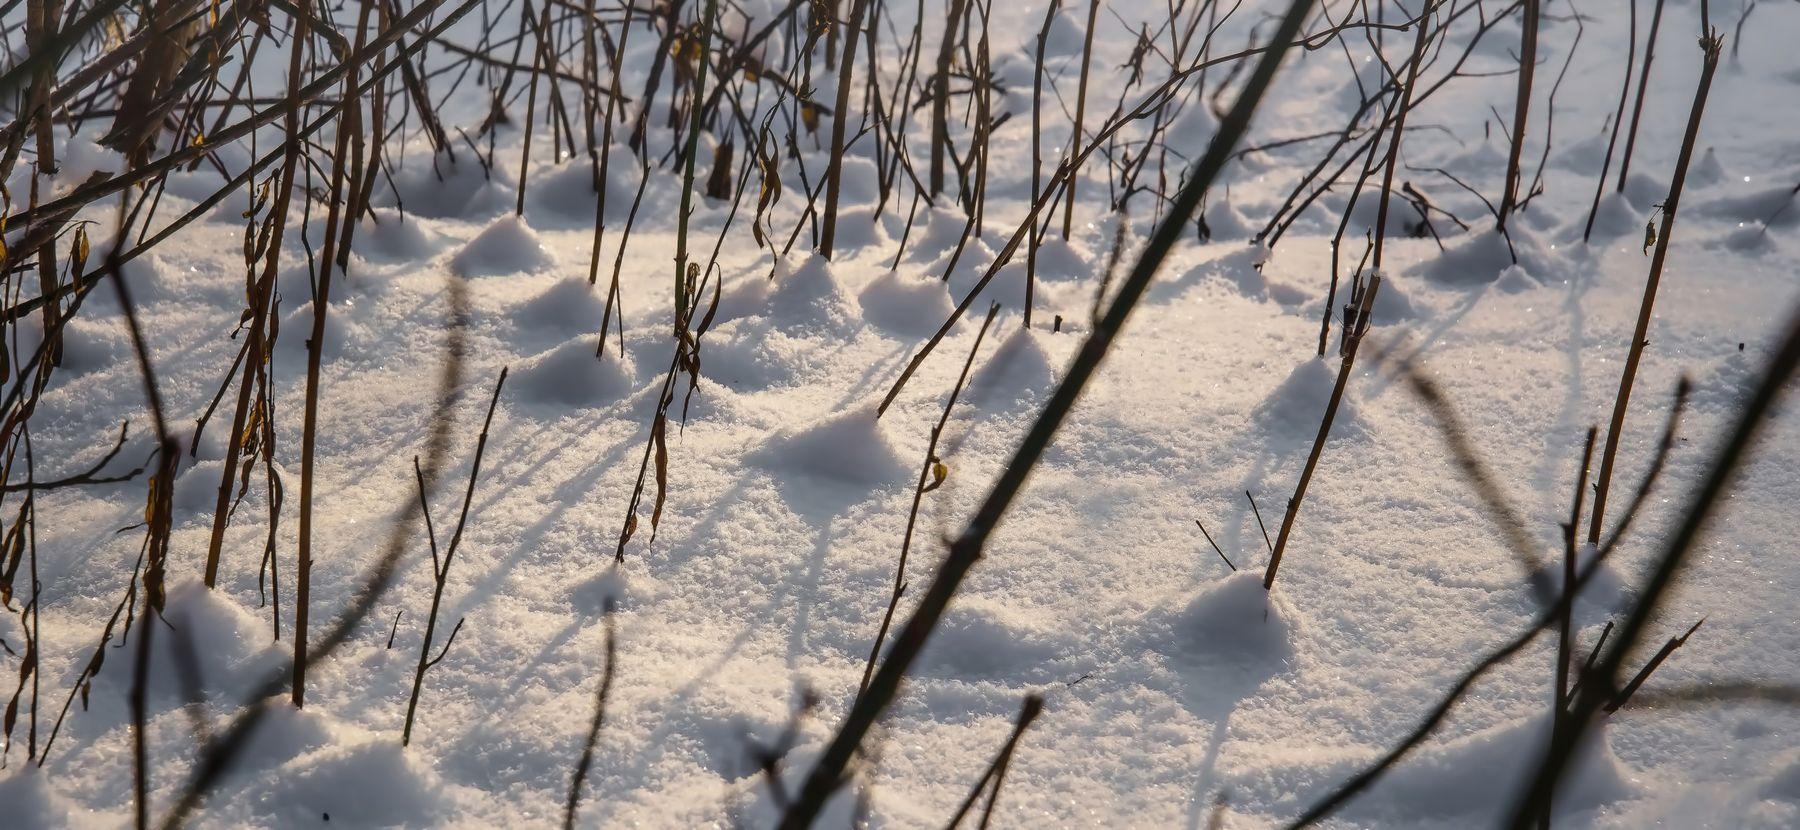 Холмики. зима снег ветки солнце парк